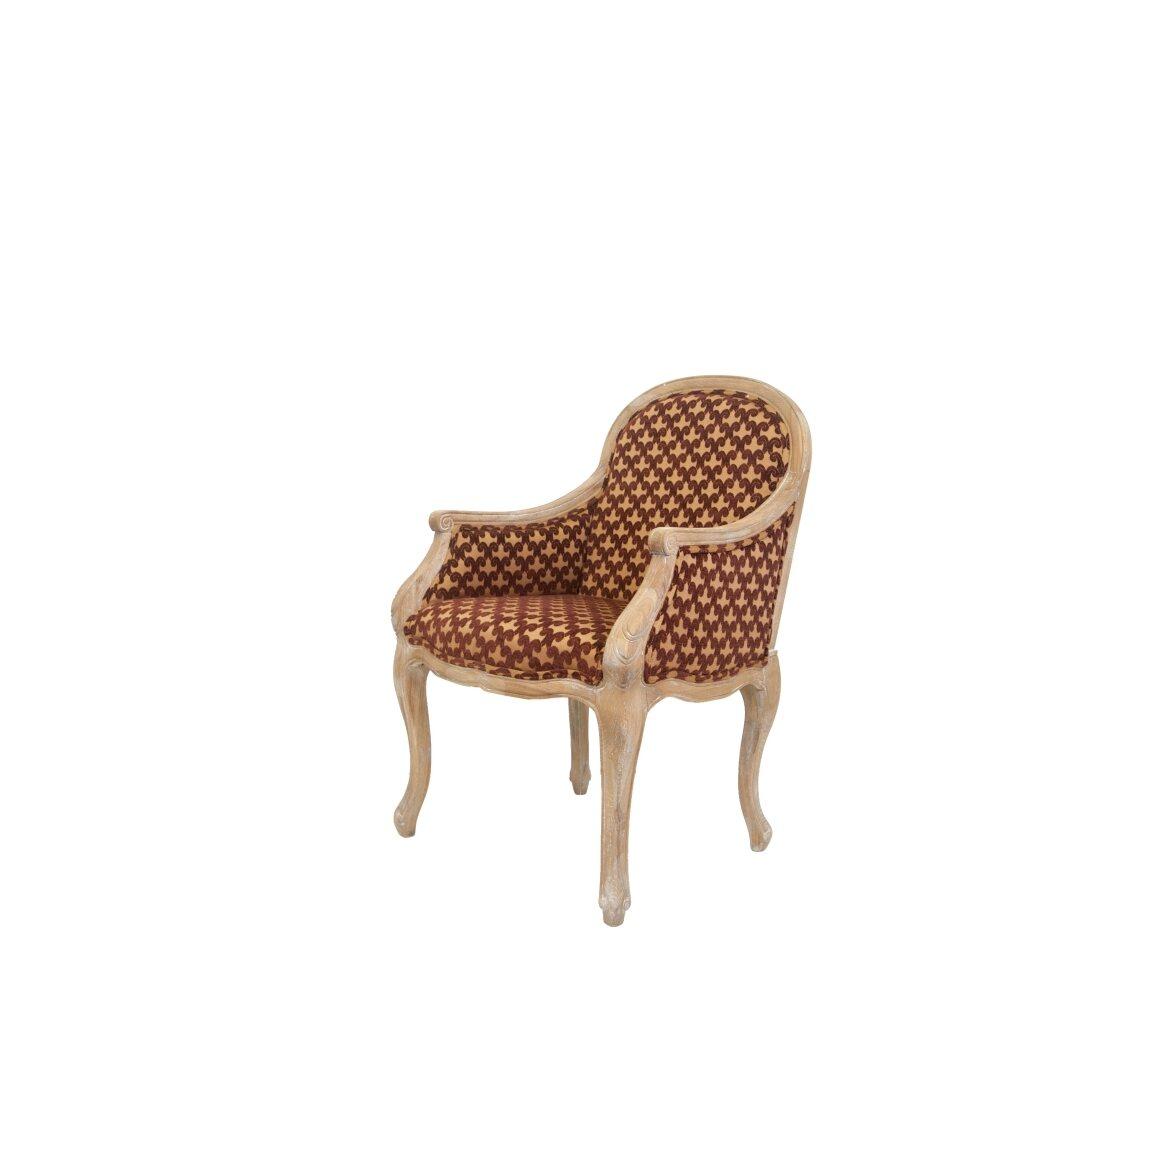 Кресло Callee 4 | Кресло-стул Kingsby